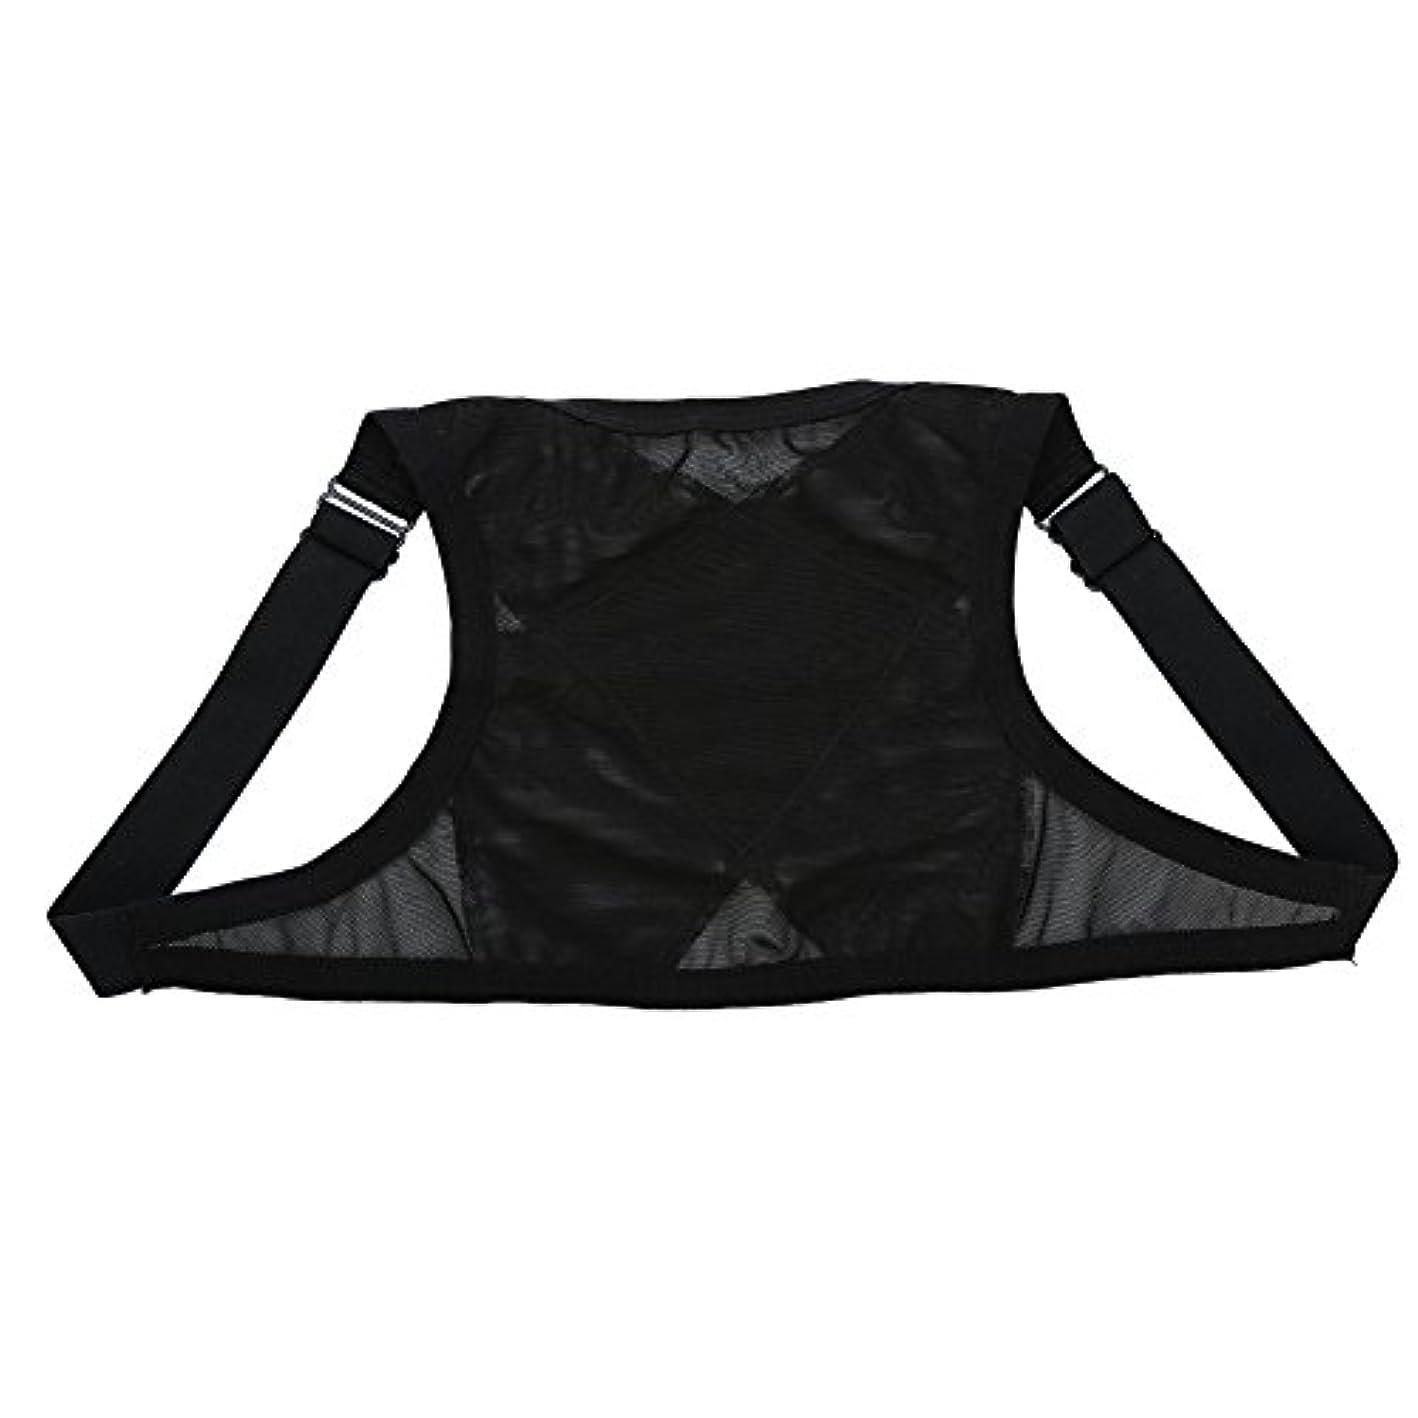 怠惰倉庫大宇宙姿勢矯正具、整形外科用矯正具、肩の体位の矯正、整形外科用こぶの軽減のための包帯矯正具、青年用(L)